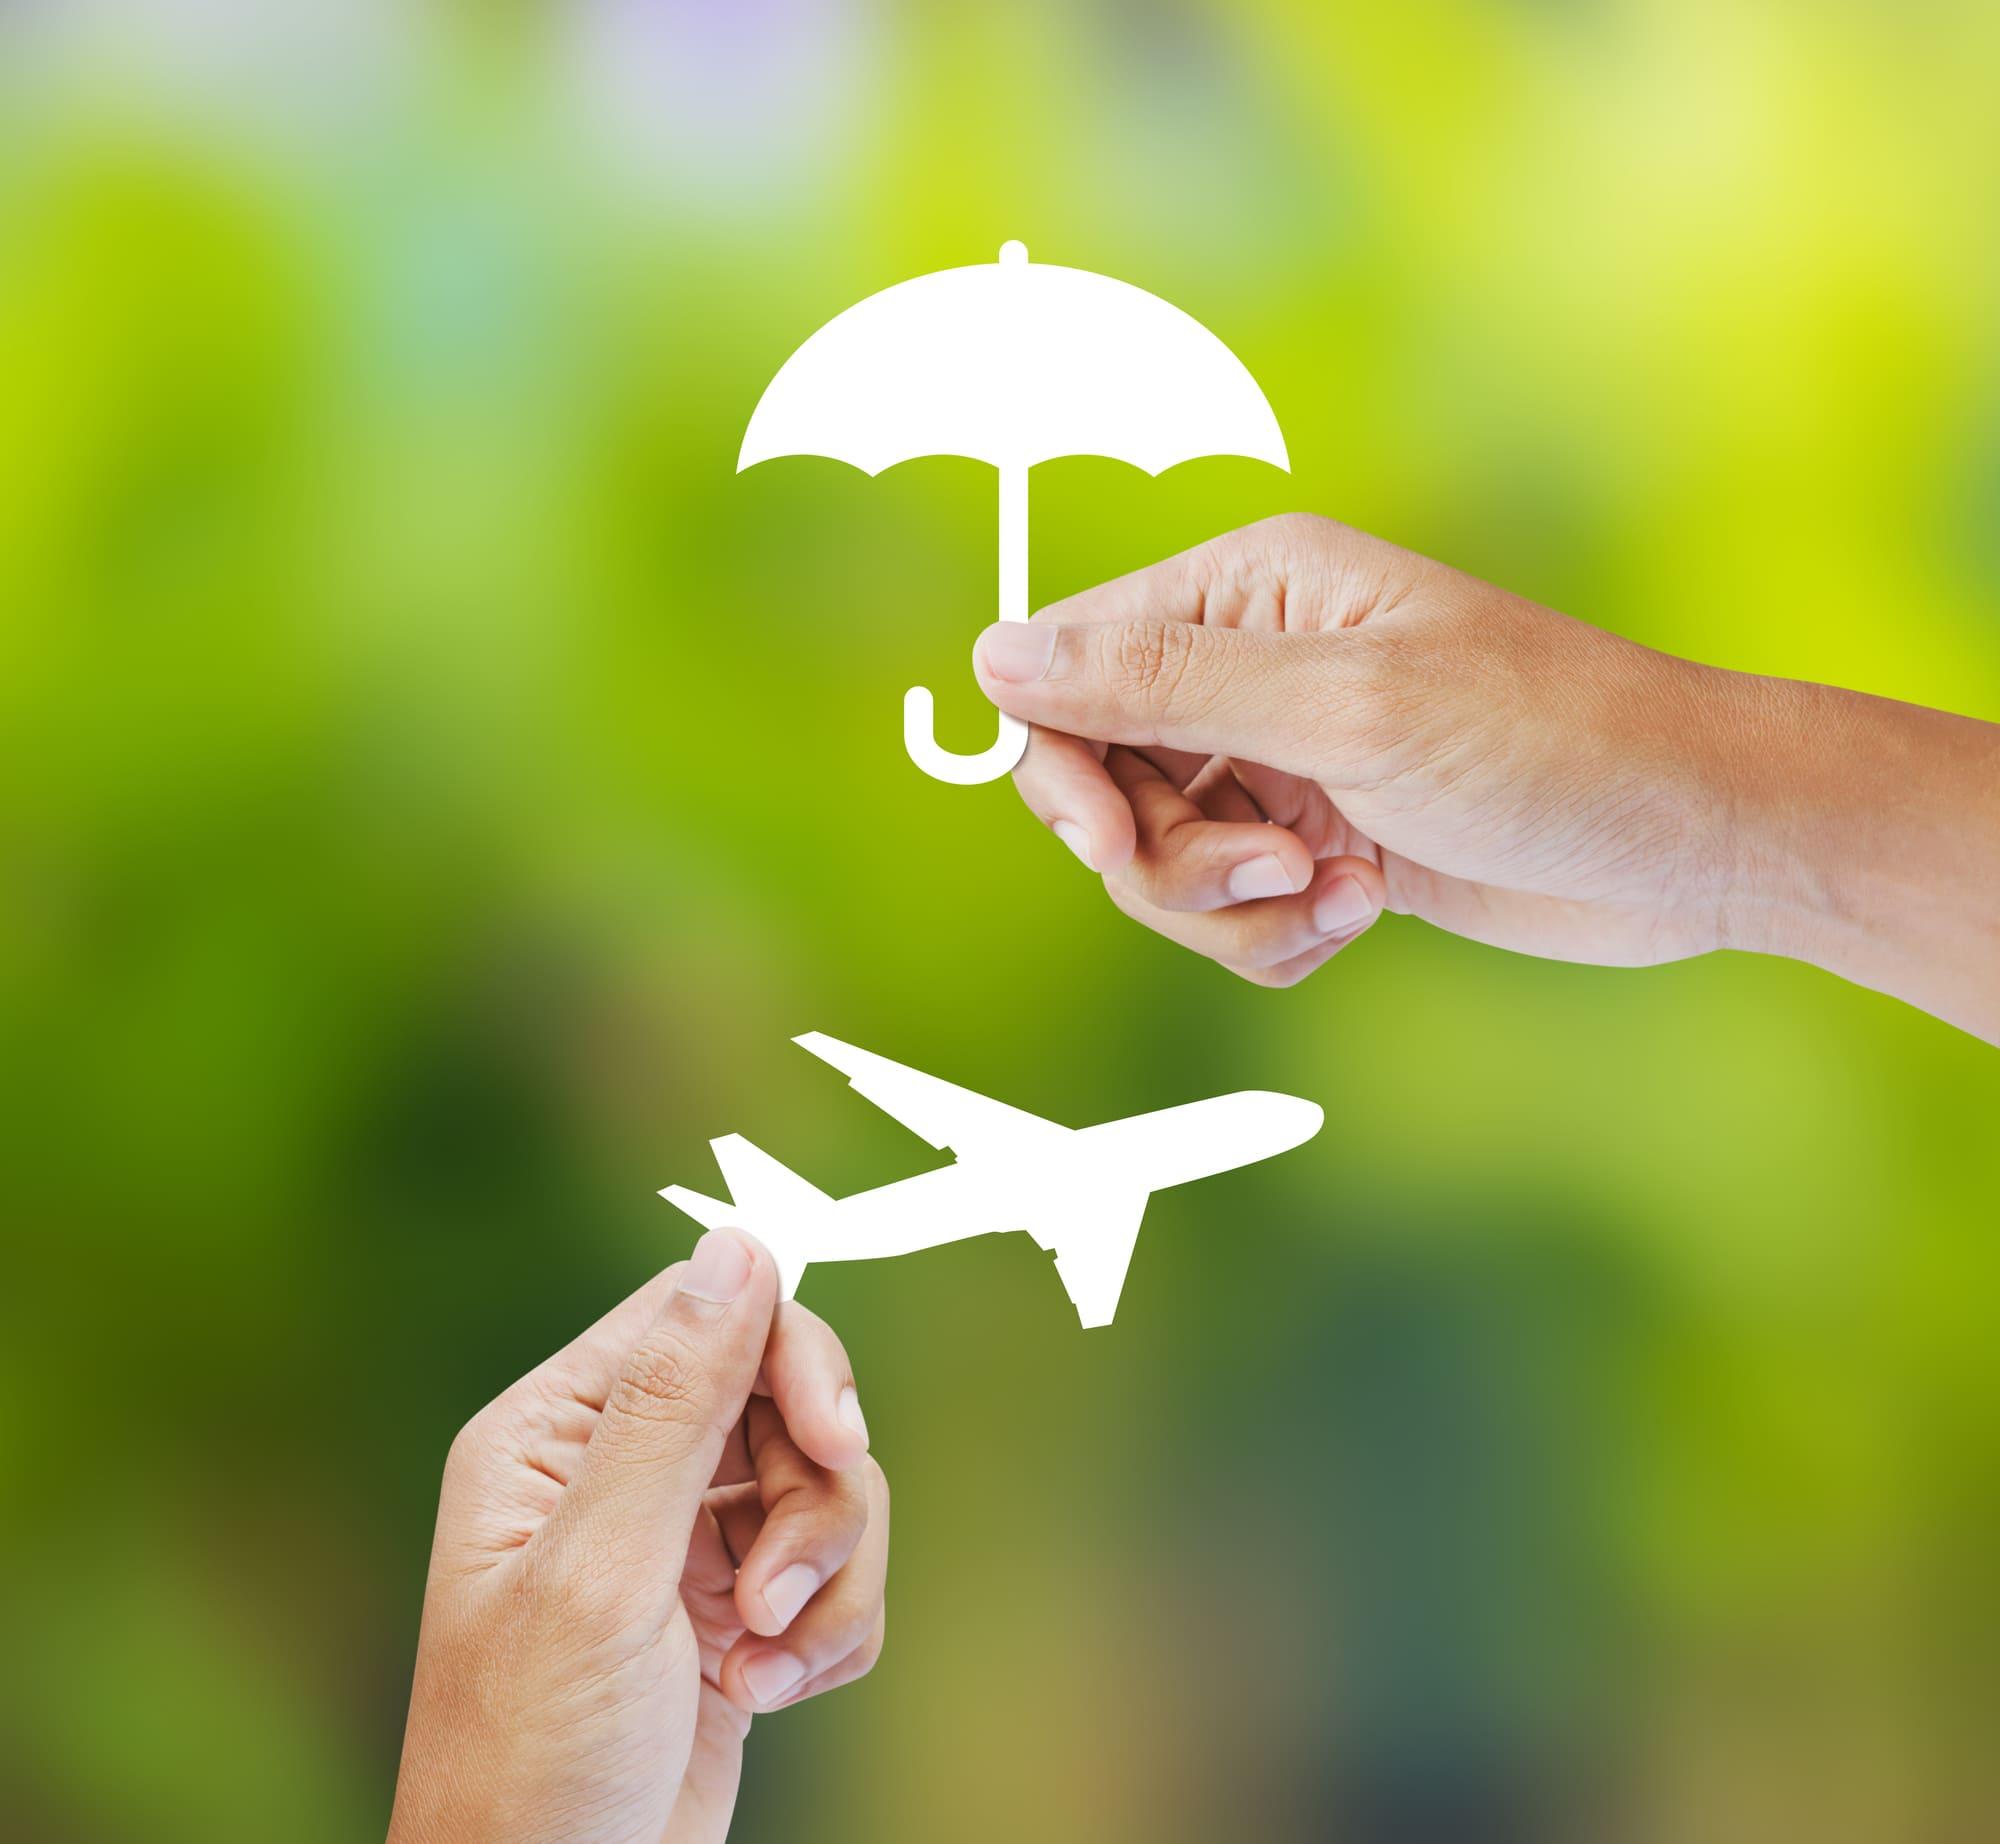 ביטוח נסיעות לחוץ לארץ